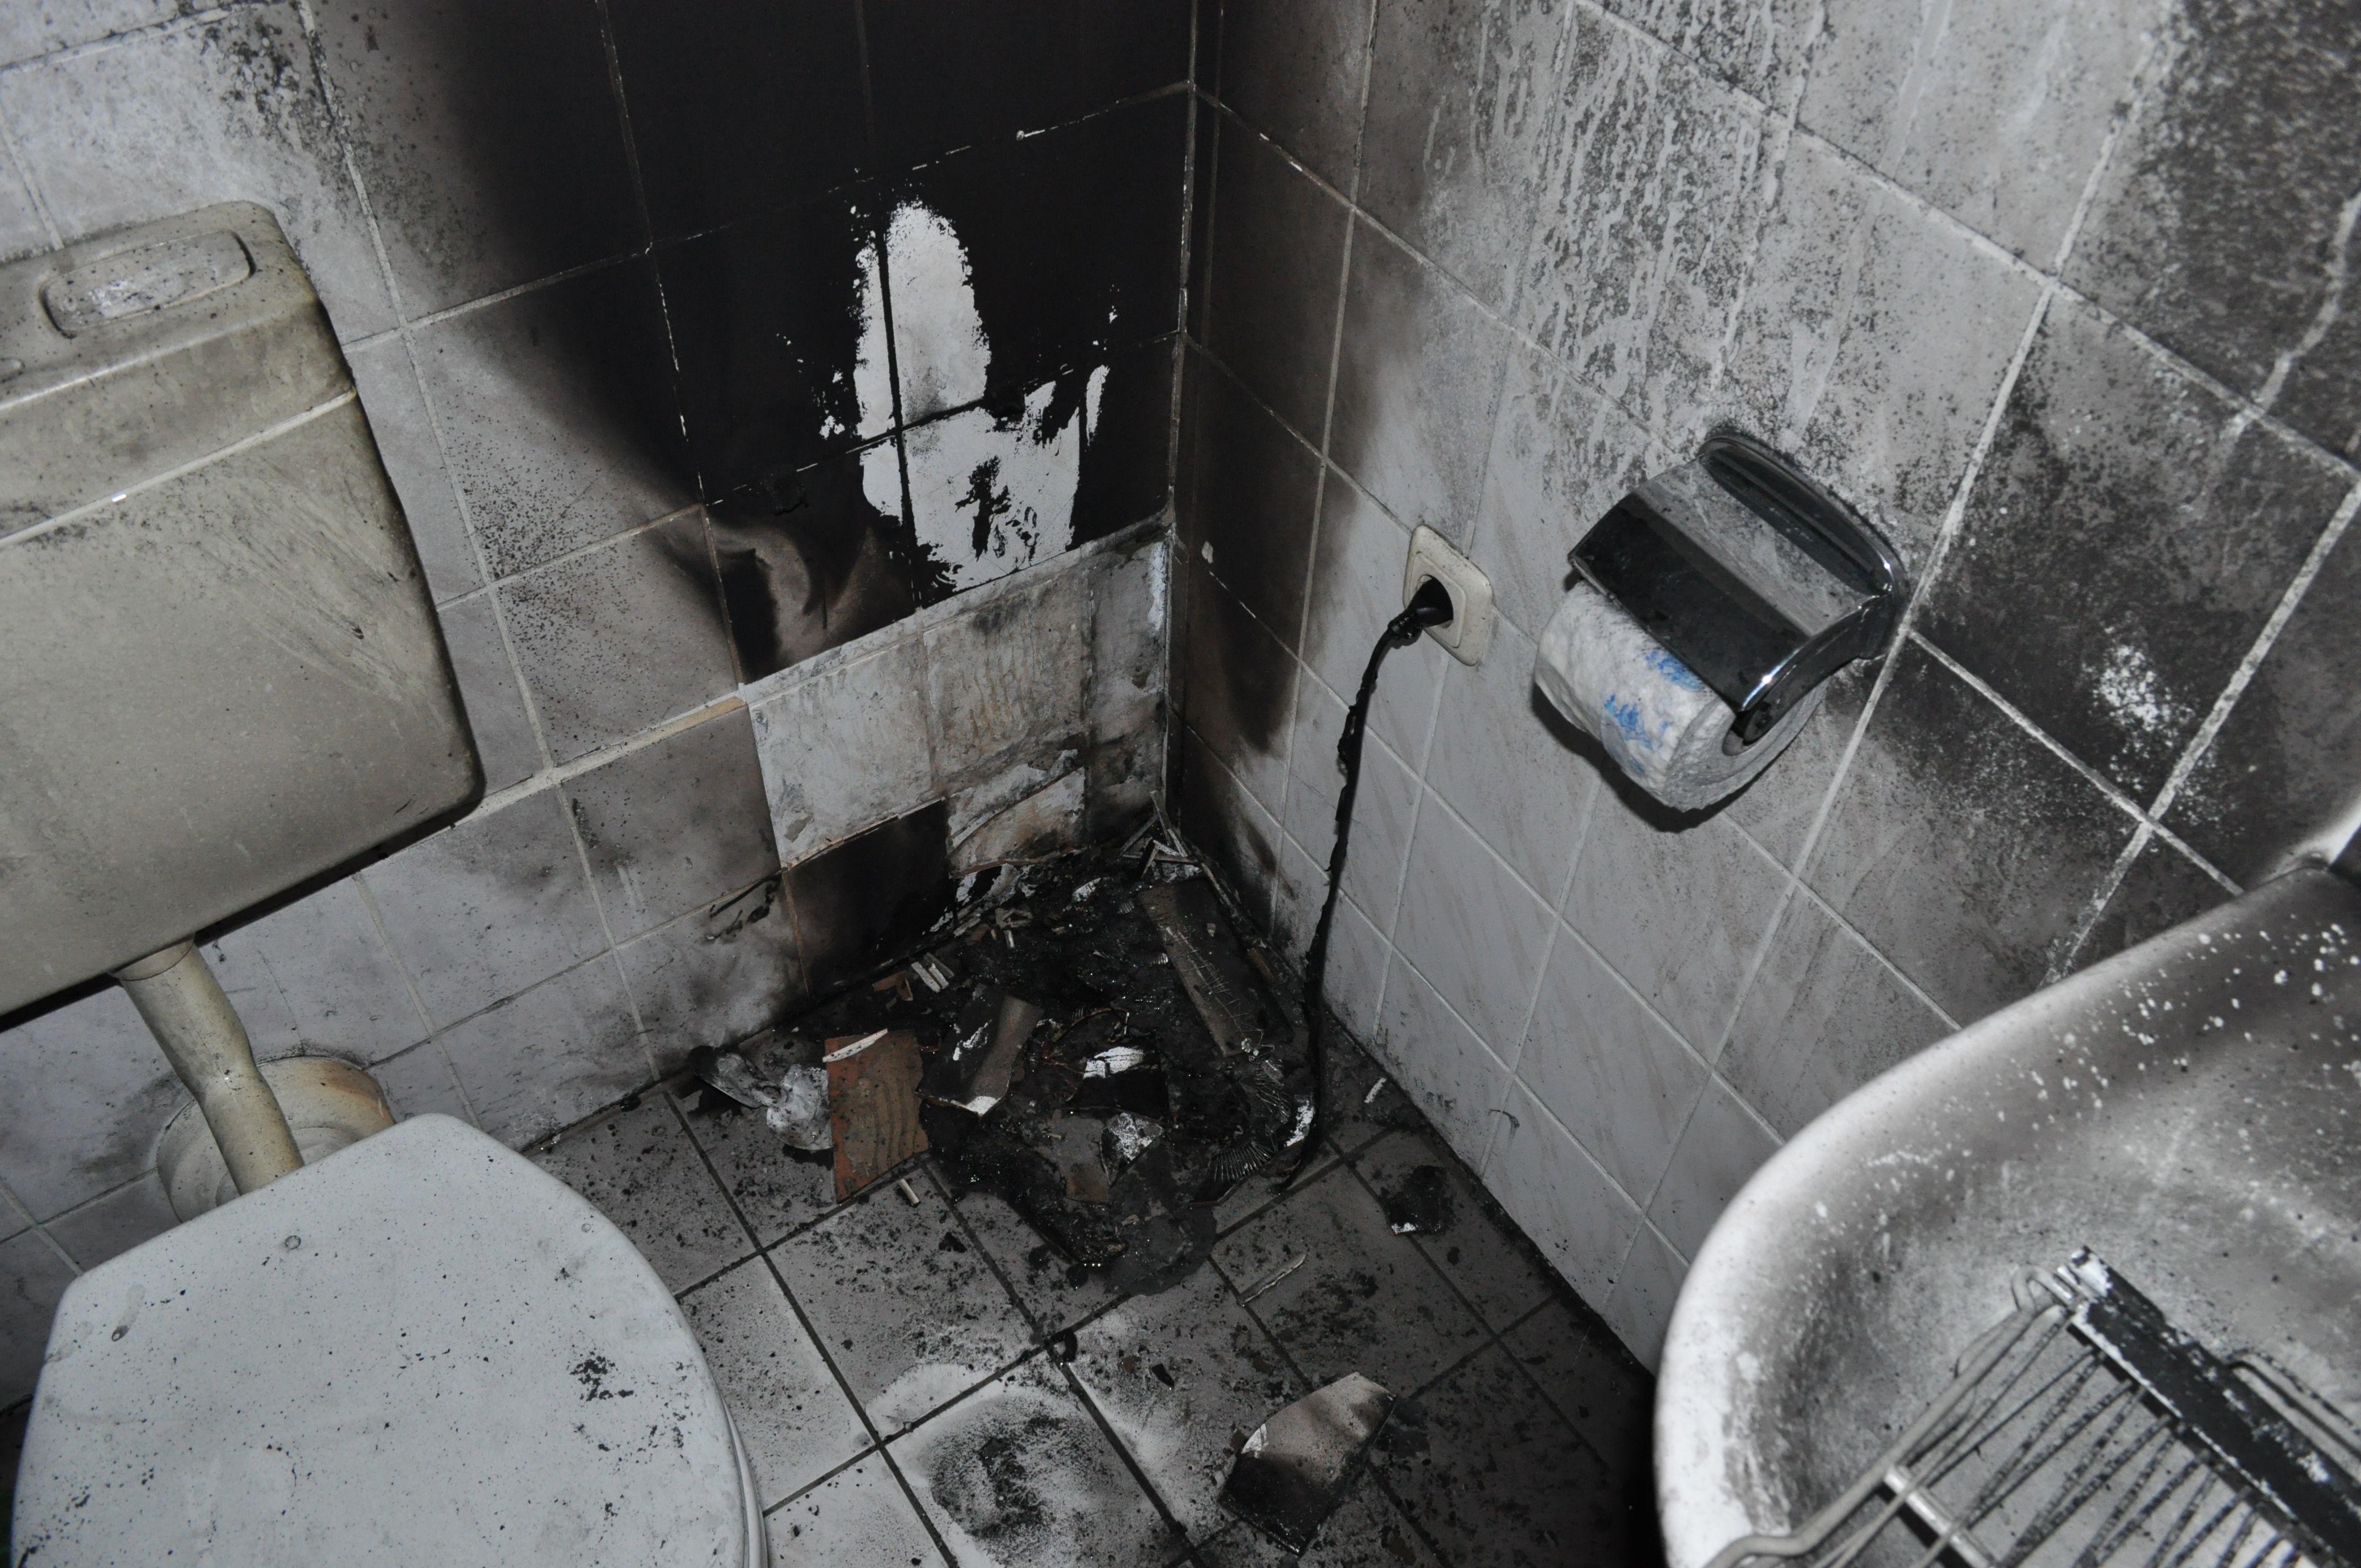 pol ni heizl fter verursacht brand im badezimmer pressemitteilung polizeiinspektion nienburg. Black Bedroom Furniture Sets. Home Design Ideas